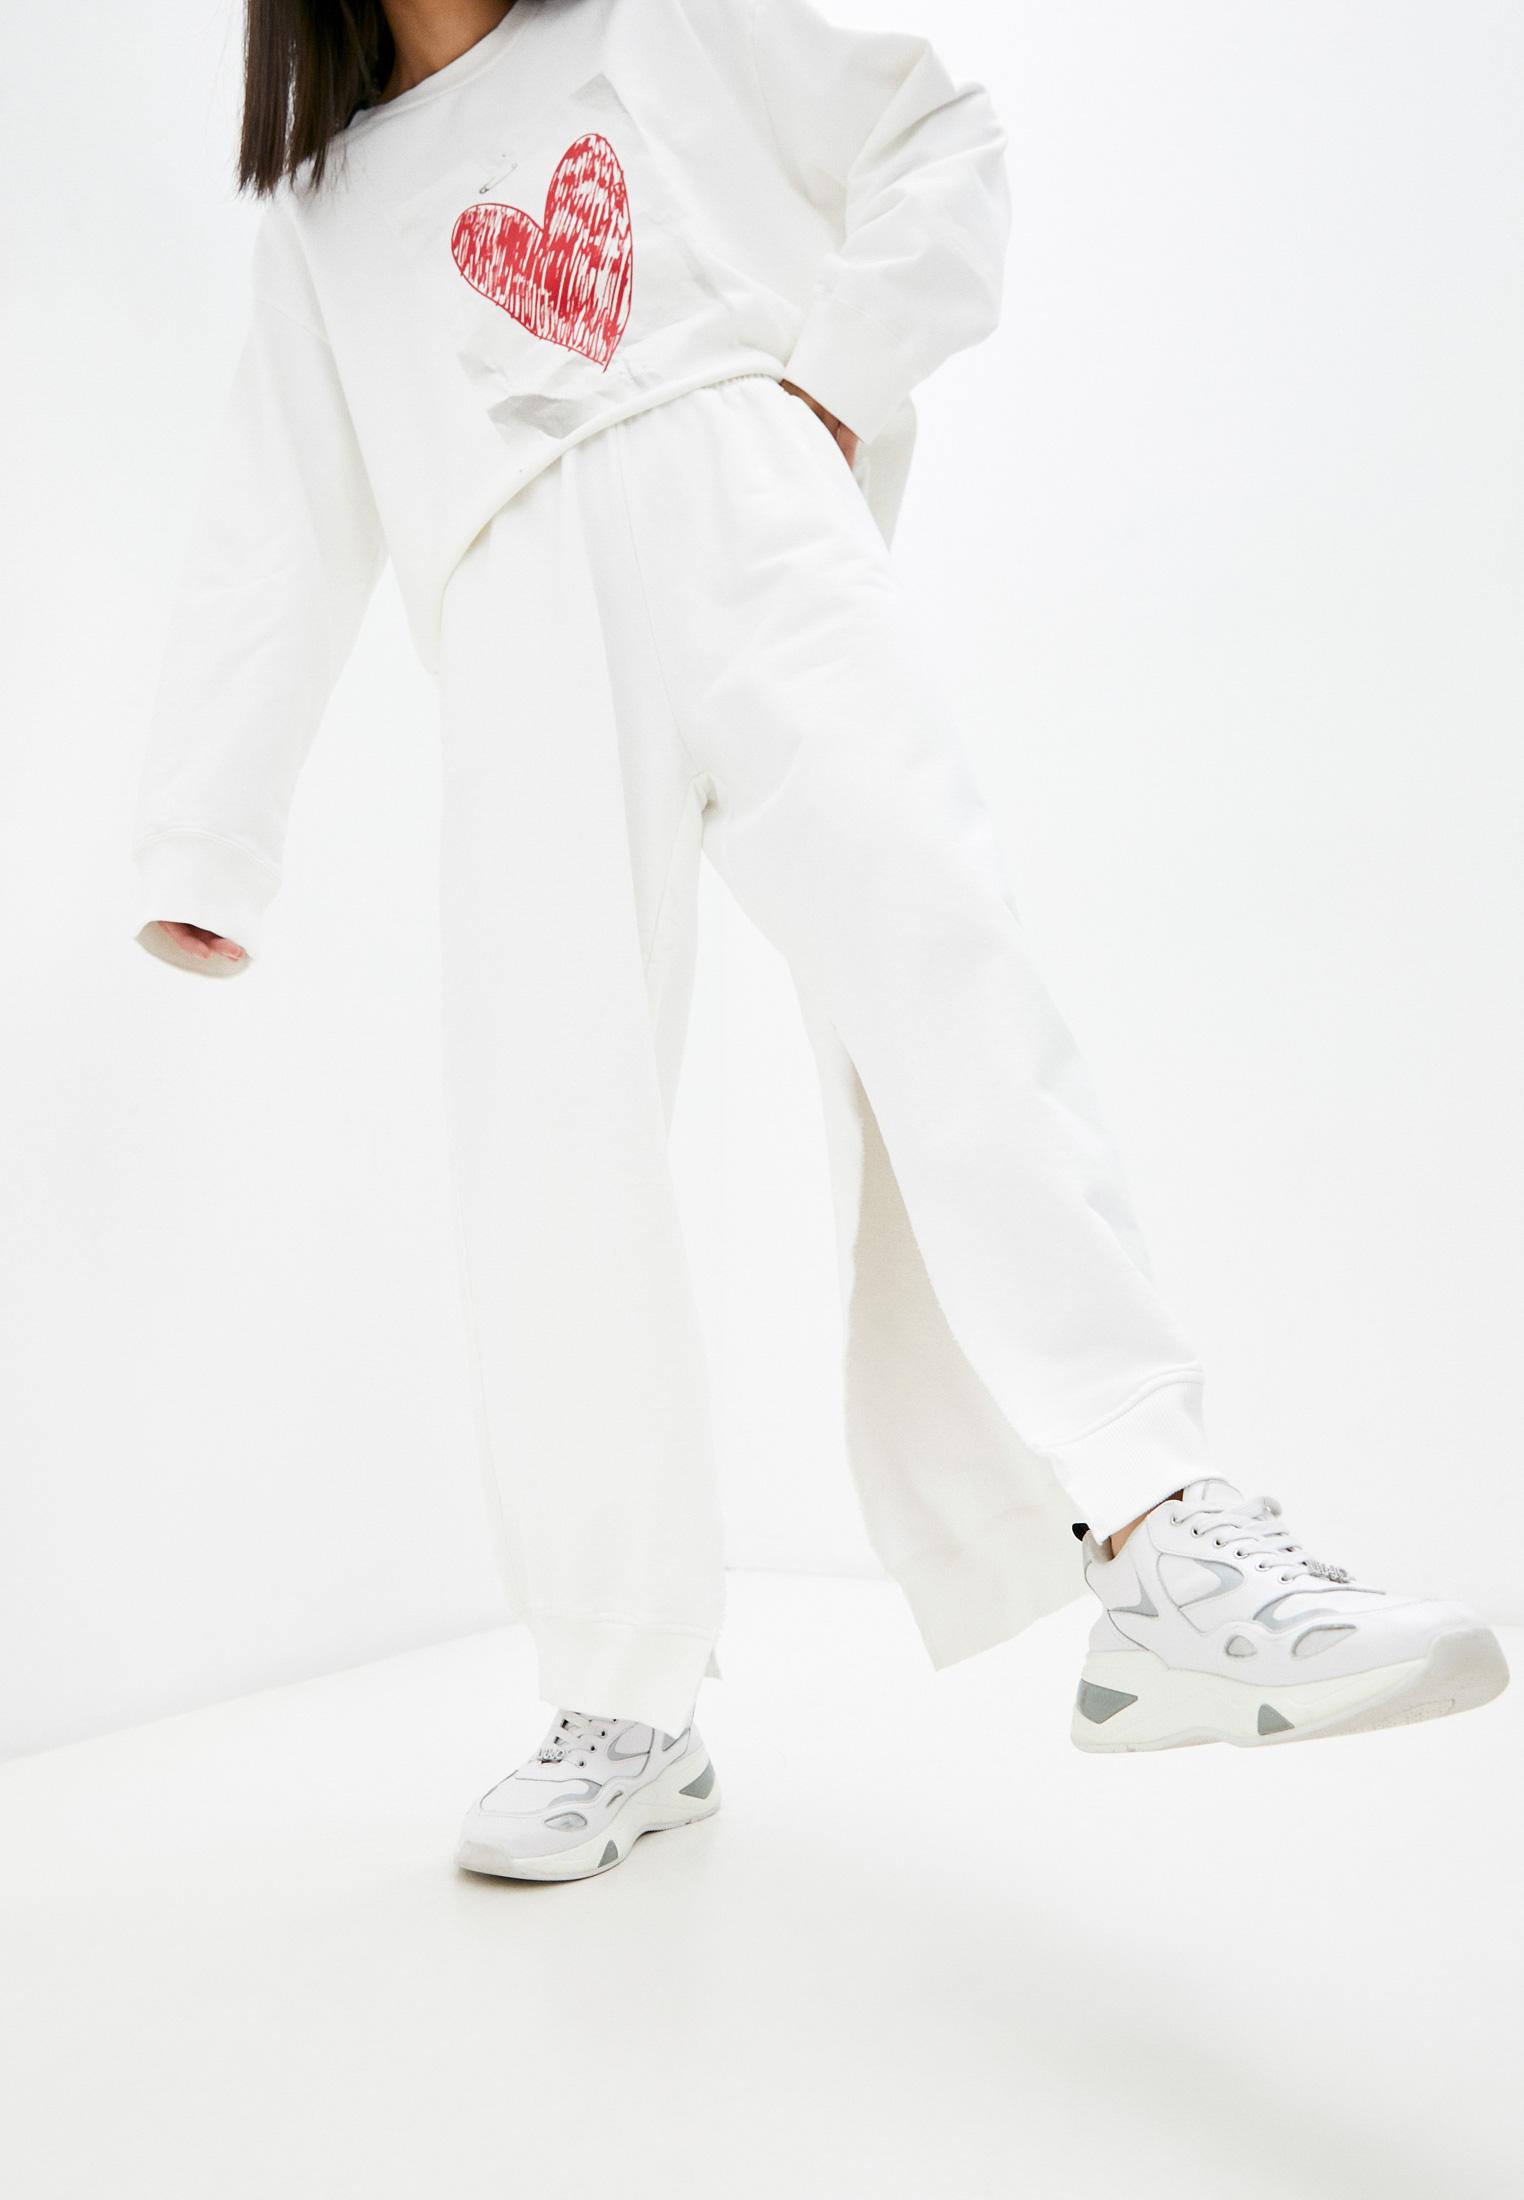 Женские спортивные брюки MM6 Maison Margiela Брюки спортивные MM6 Maison Margiela